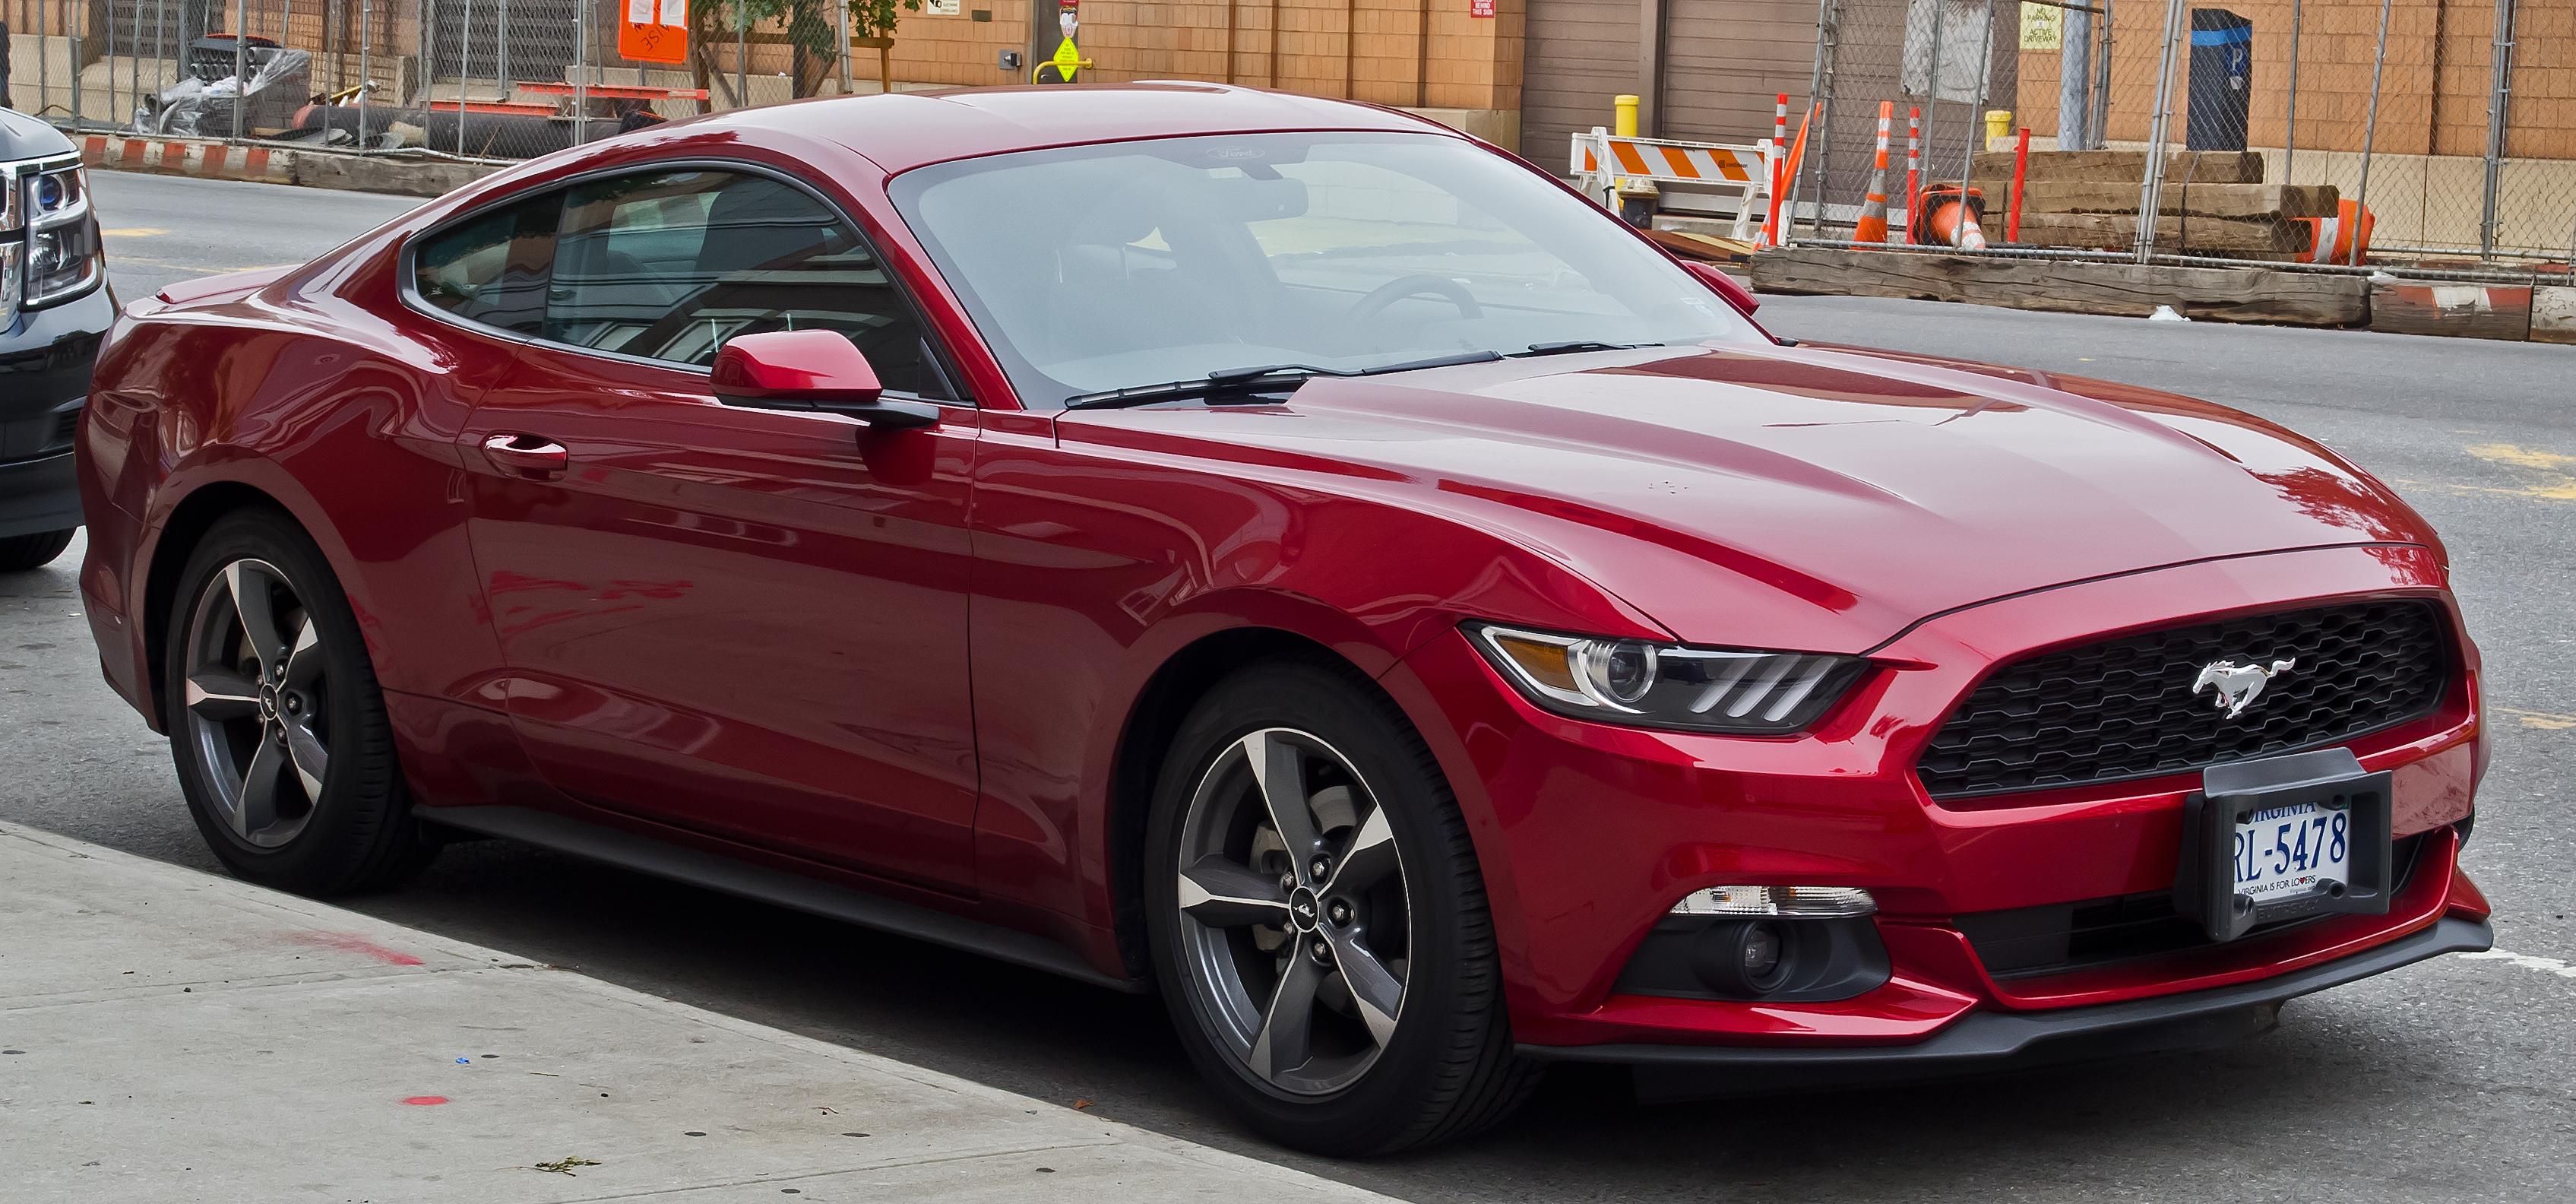 Ford Mustang VI 2014 recenzje i testy opinie zdjęcia i dane